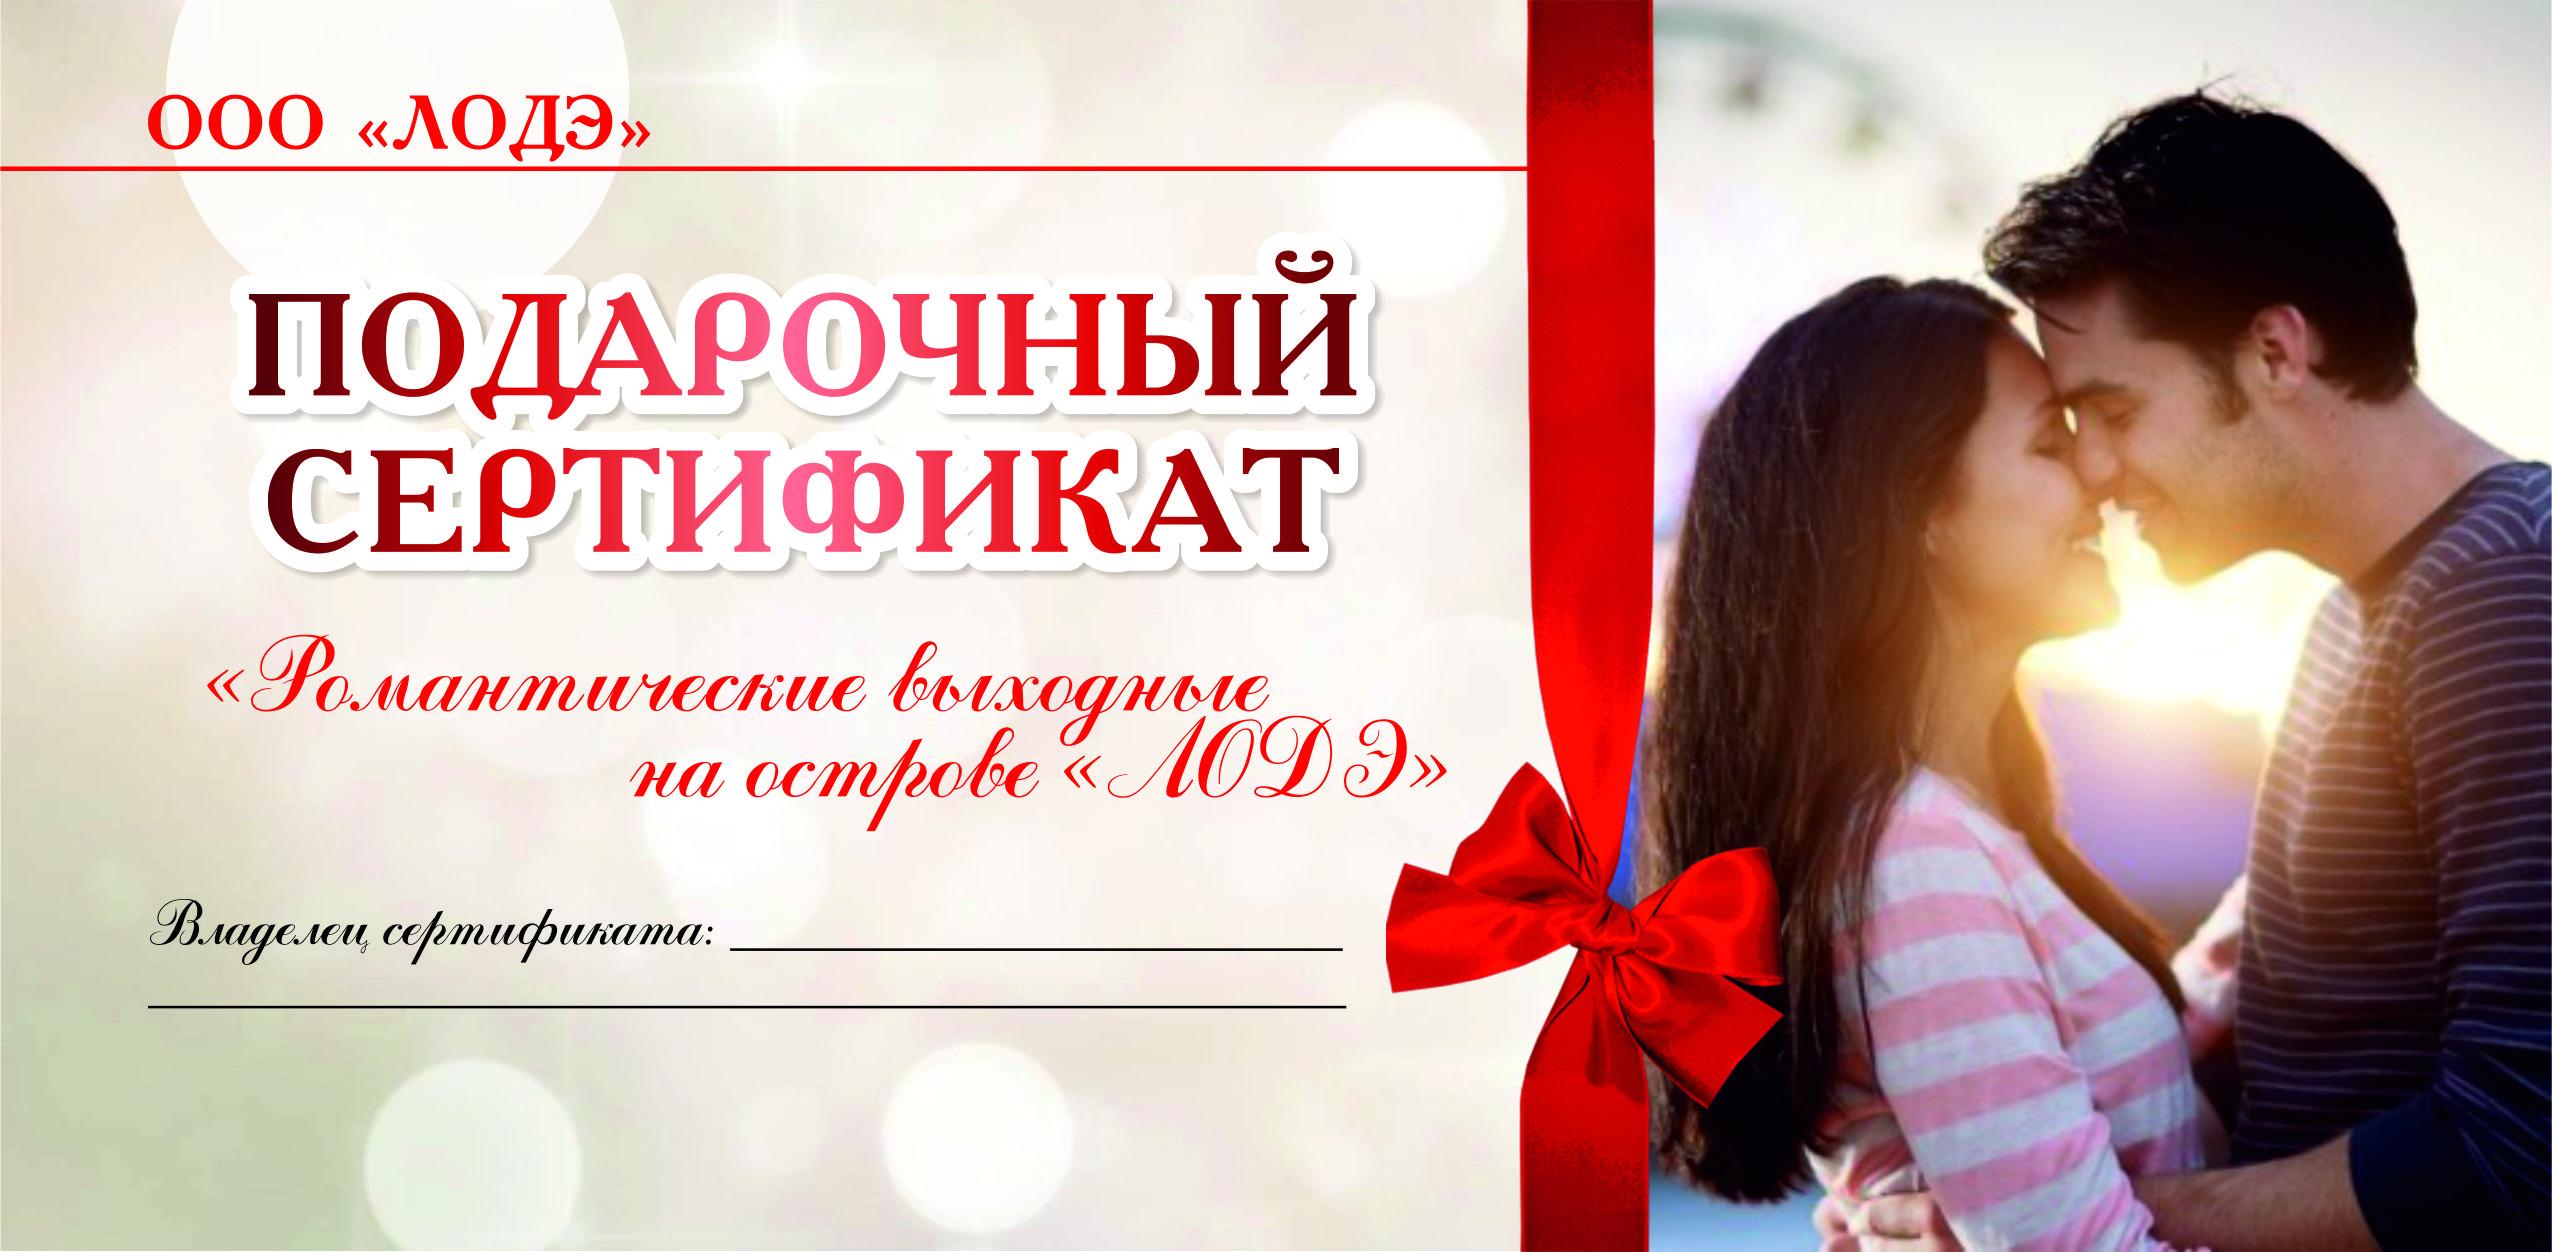 """Романтические выходные для двоих в пансионате """"ЛОДЭ"""" за 99 руб."""